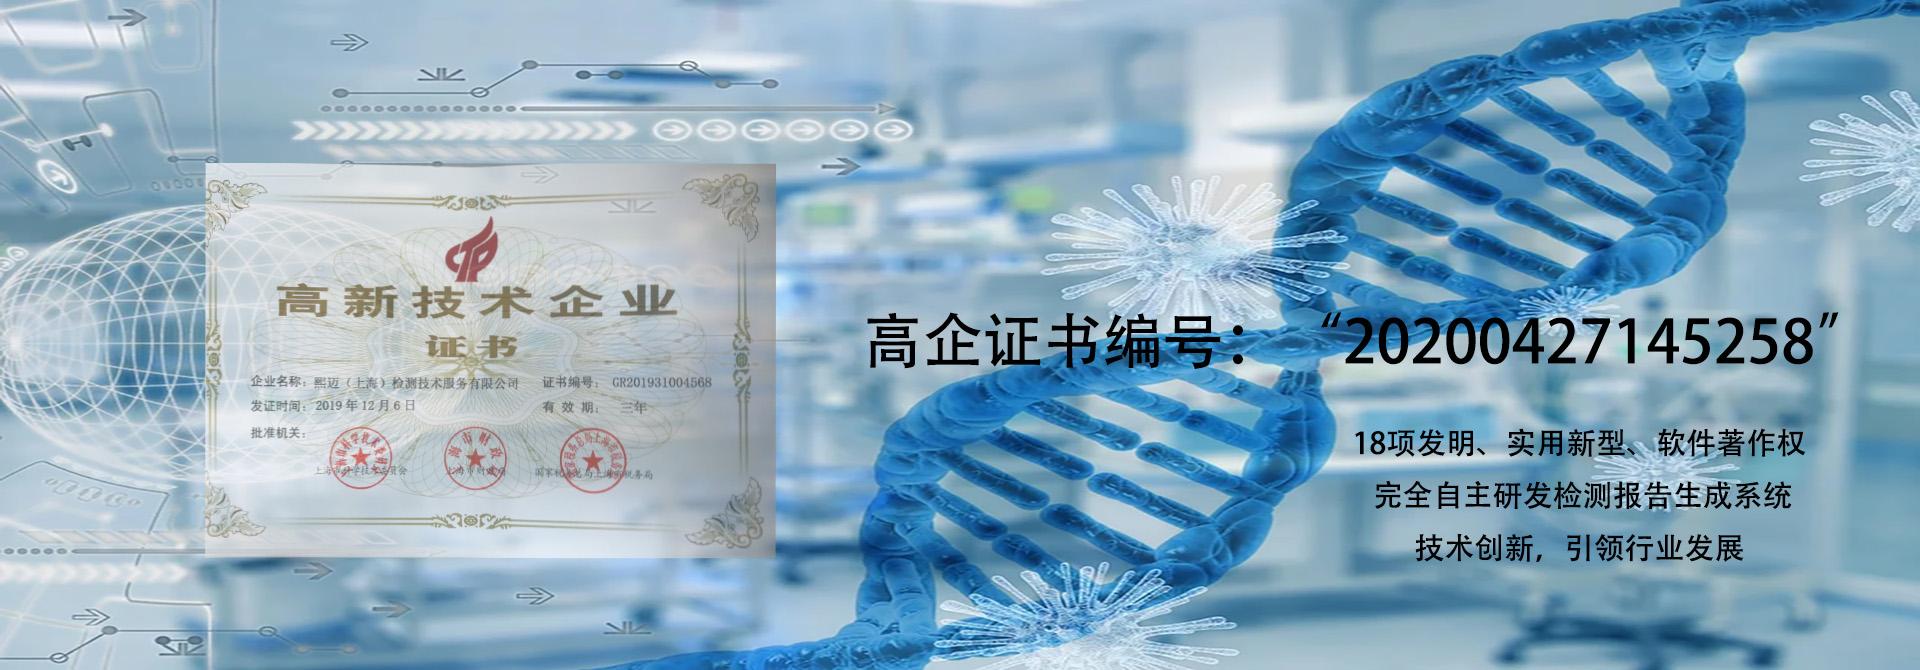 上海熙迈高新技术企业